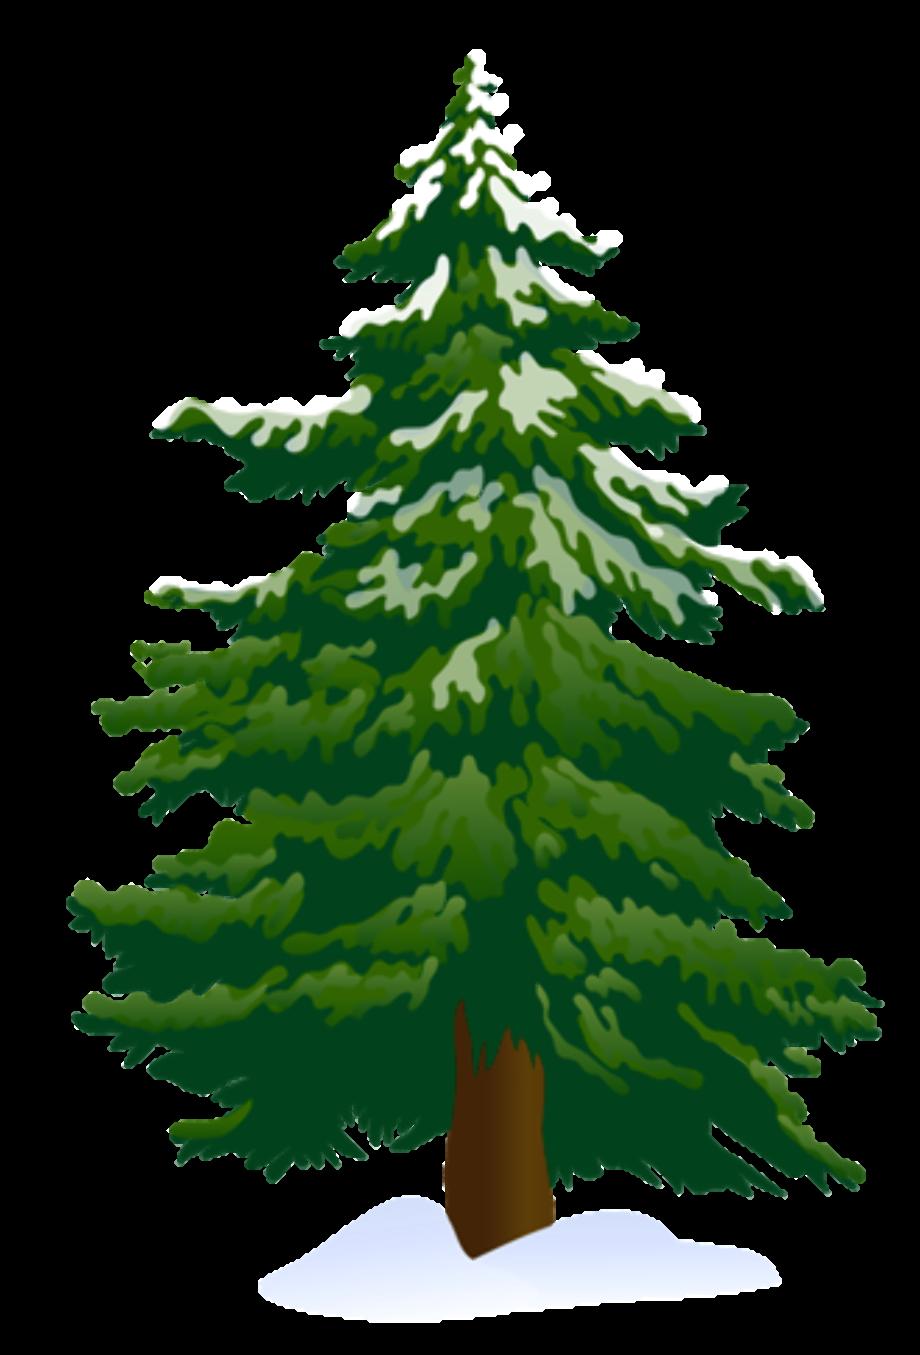 Pine tree fir